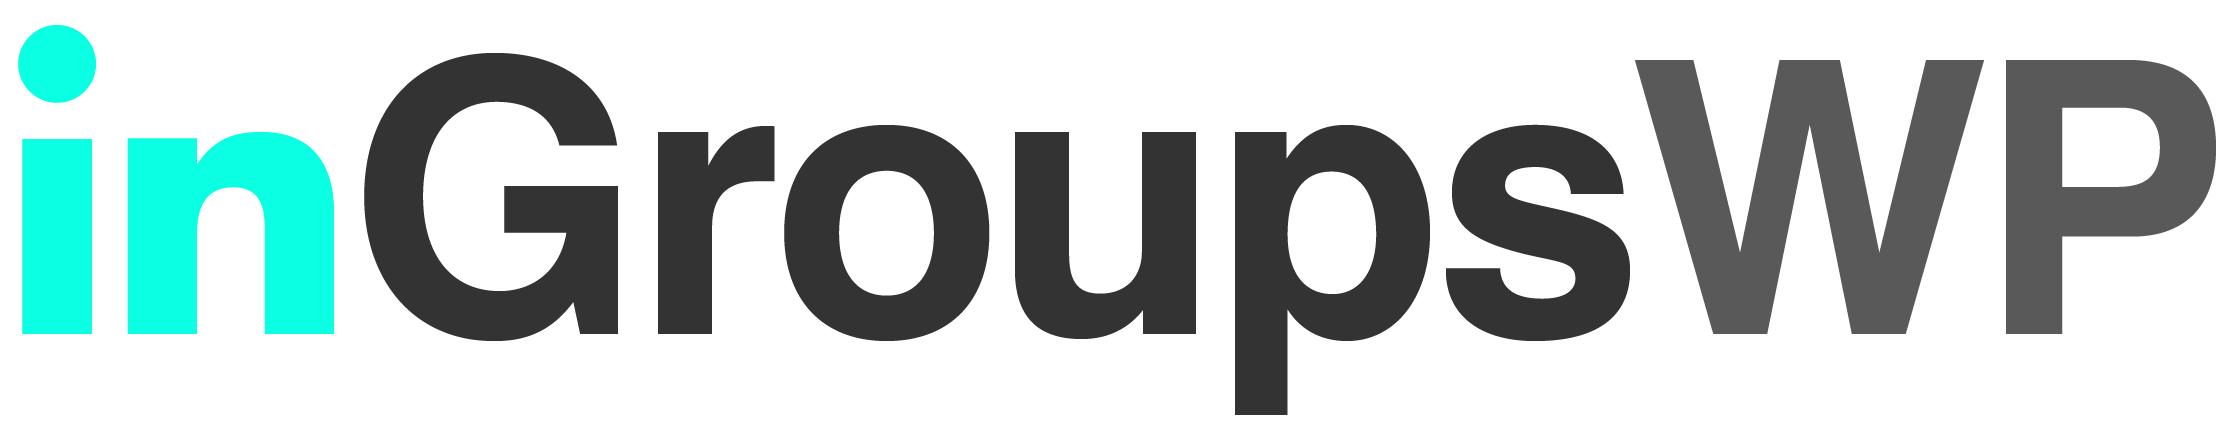 LinkedIn Groups for WordPress